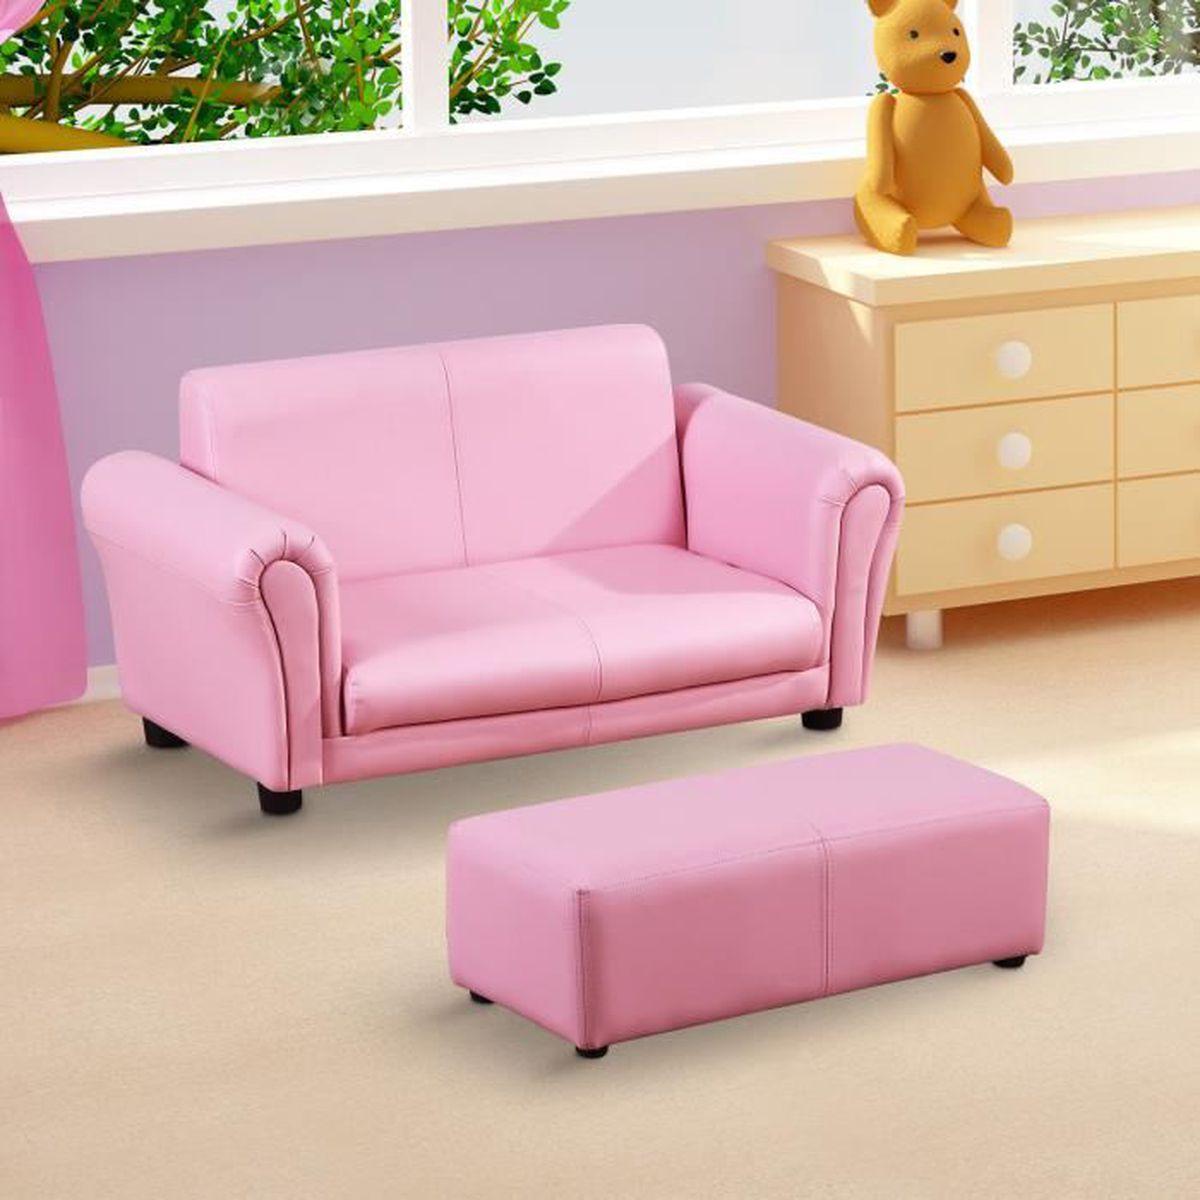 canap 2 places rose enfant banquette chambre enfant achat vente fauteuil cdiscount. Black Bedroom Furniture Sets. Home Design Ideas